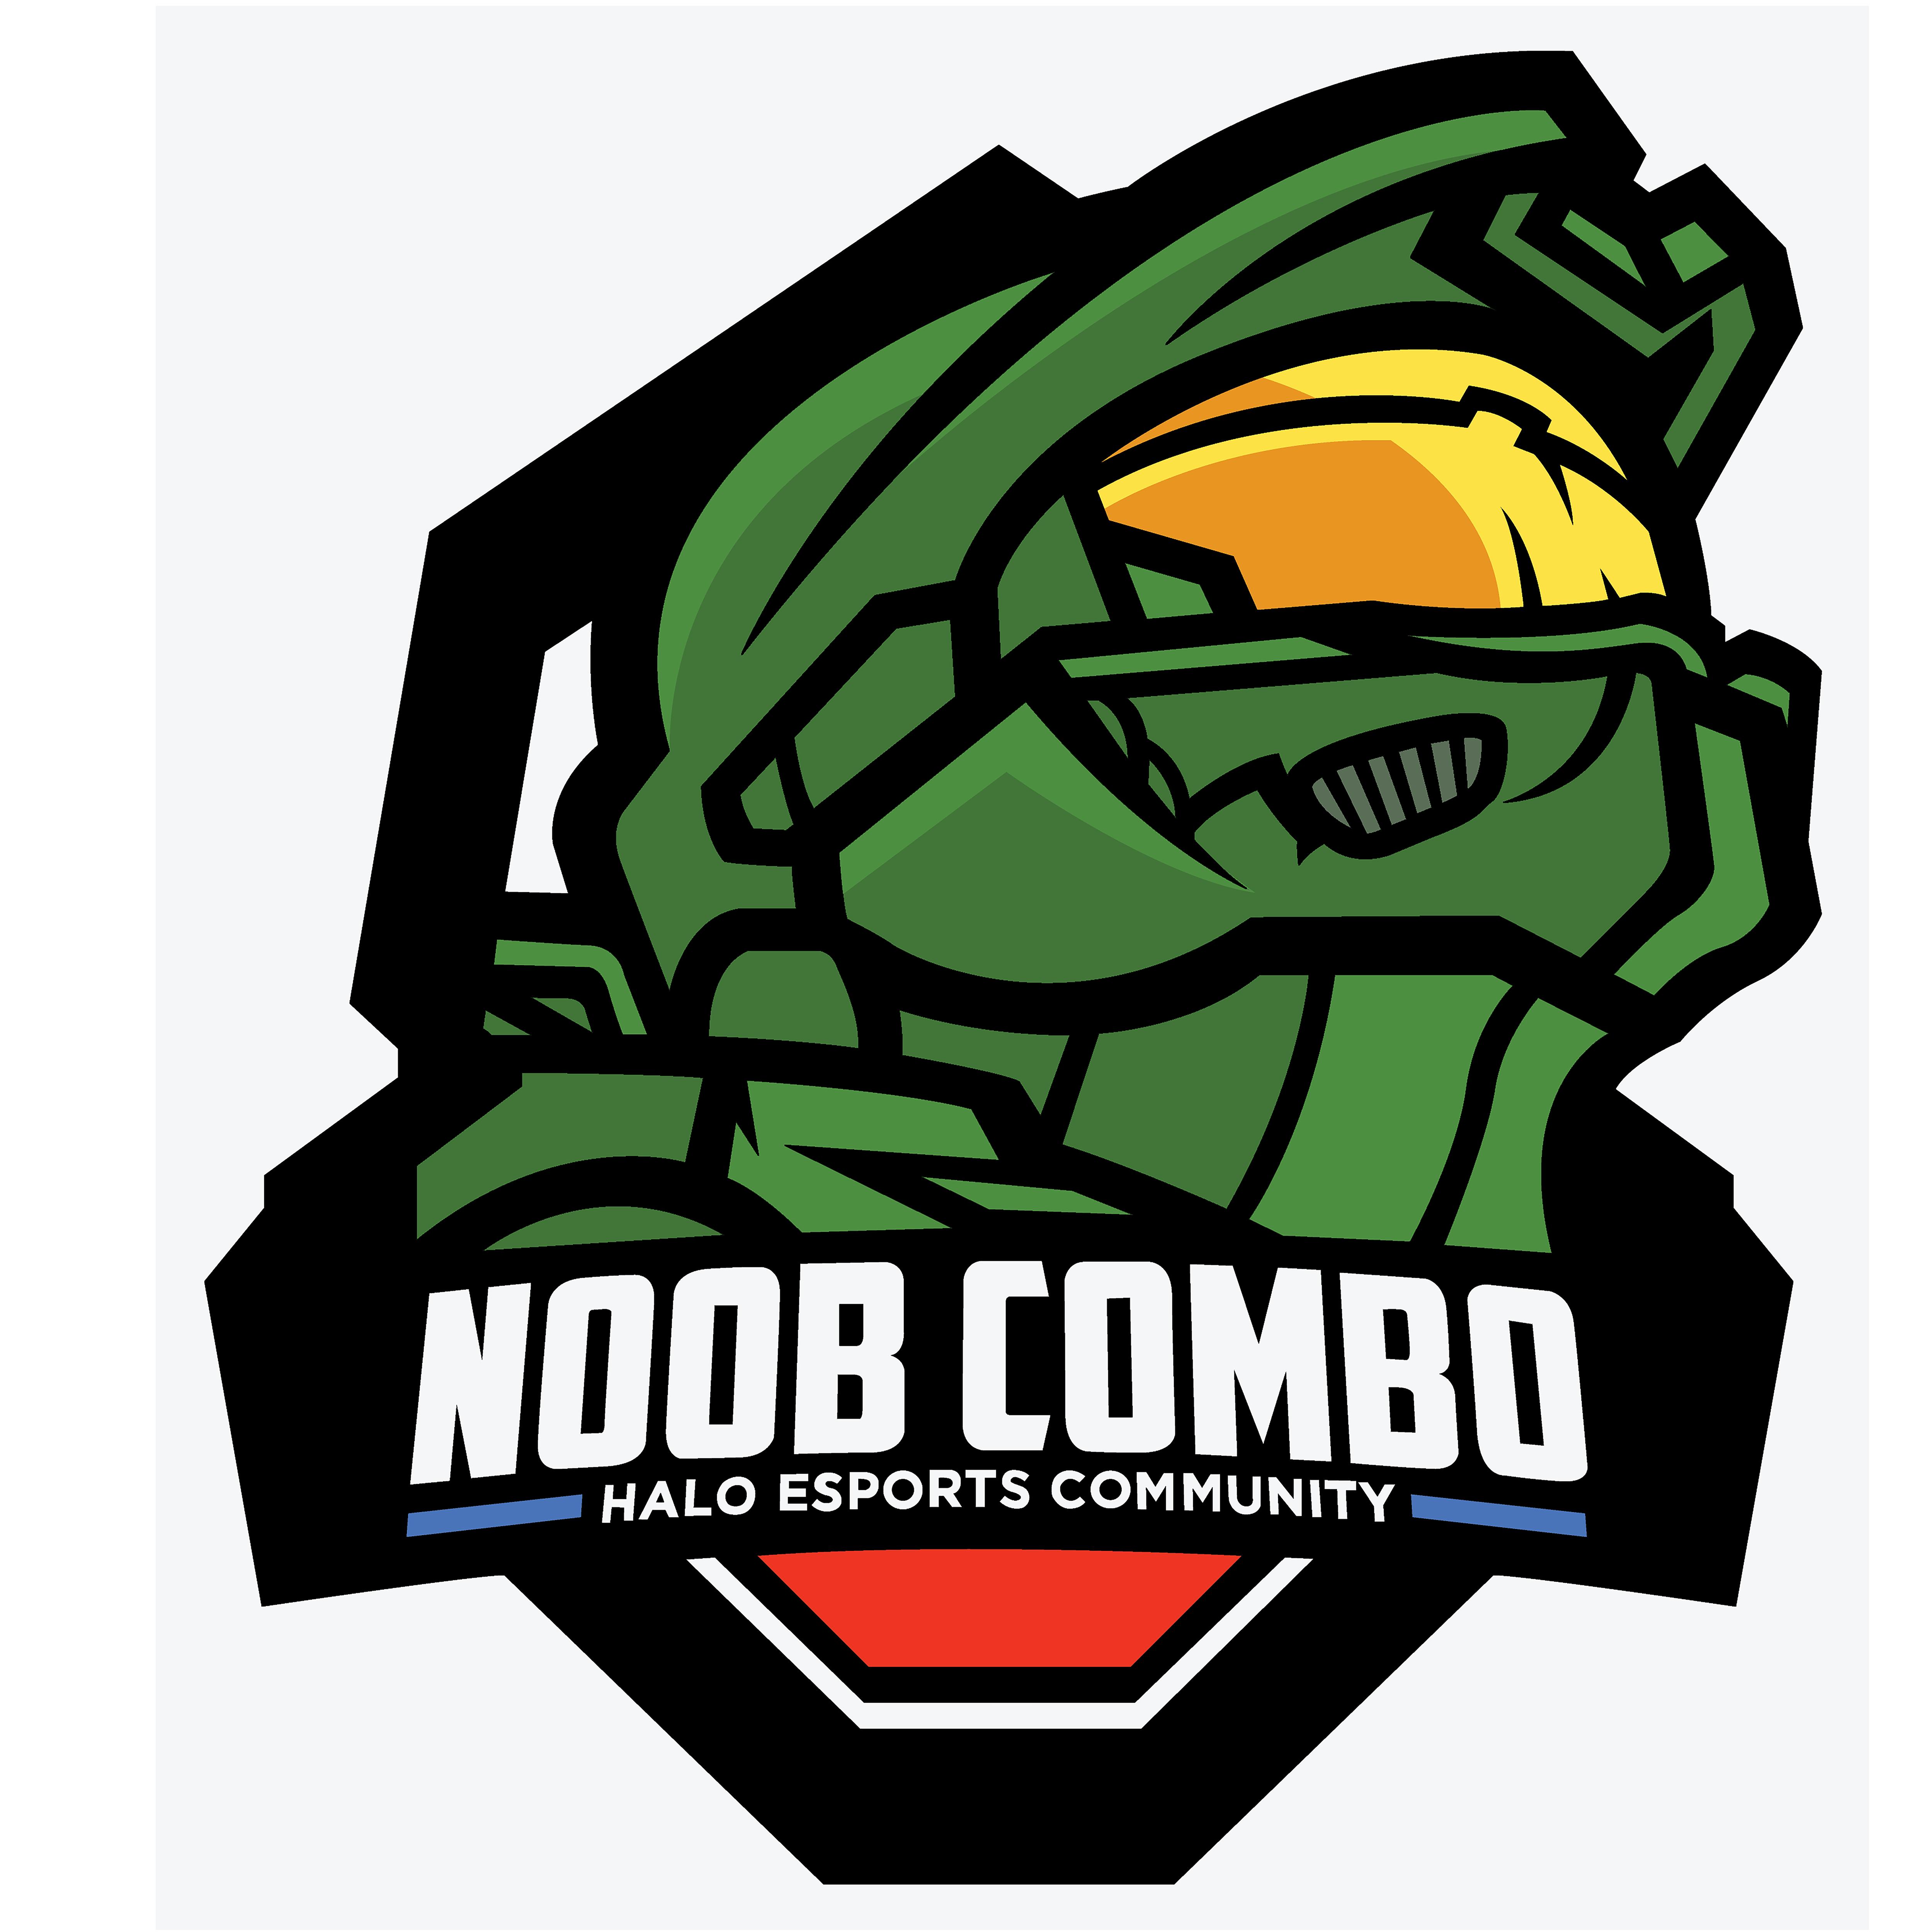 Noob Combo